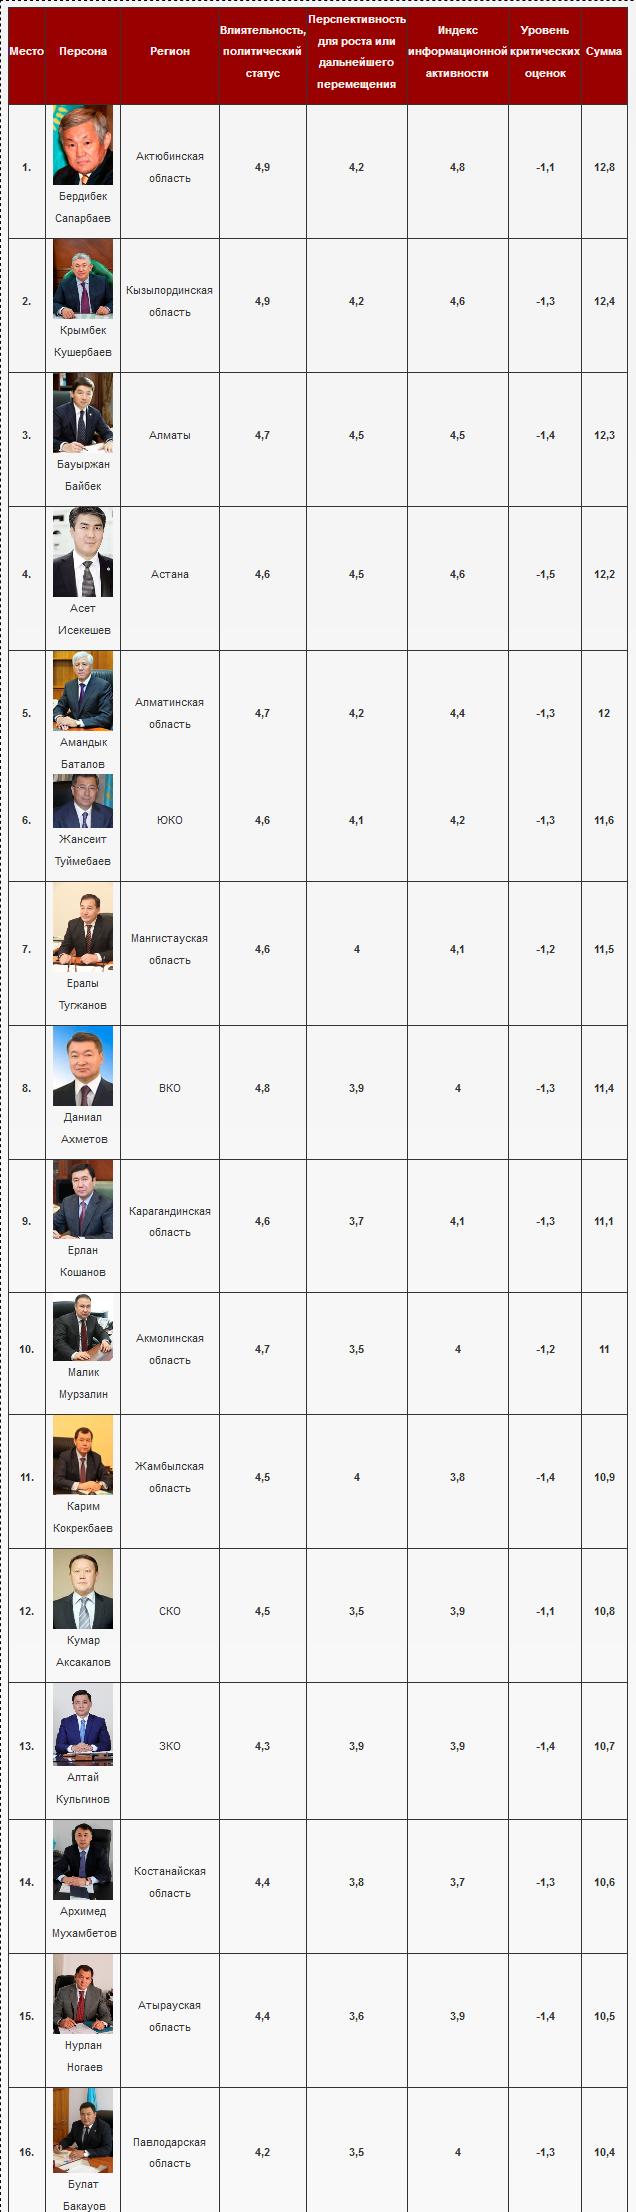 Рейтинг акимов. Итоги октября